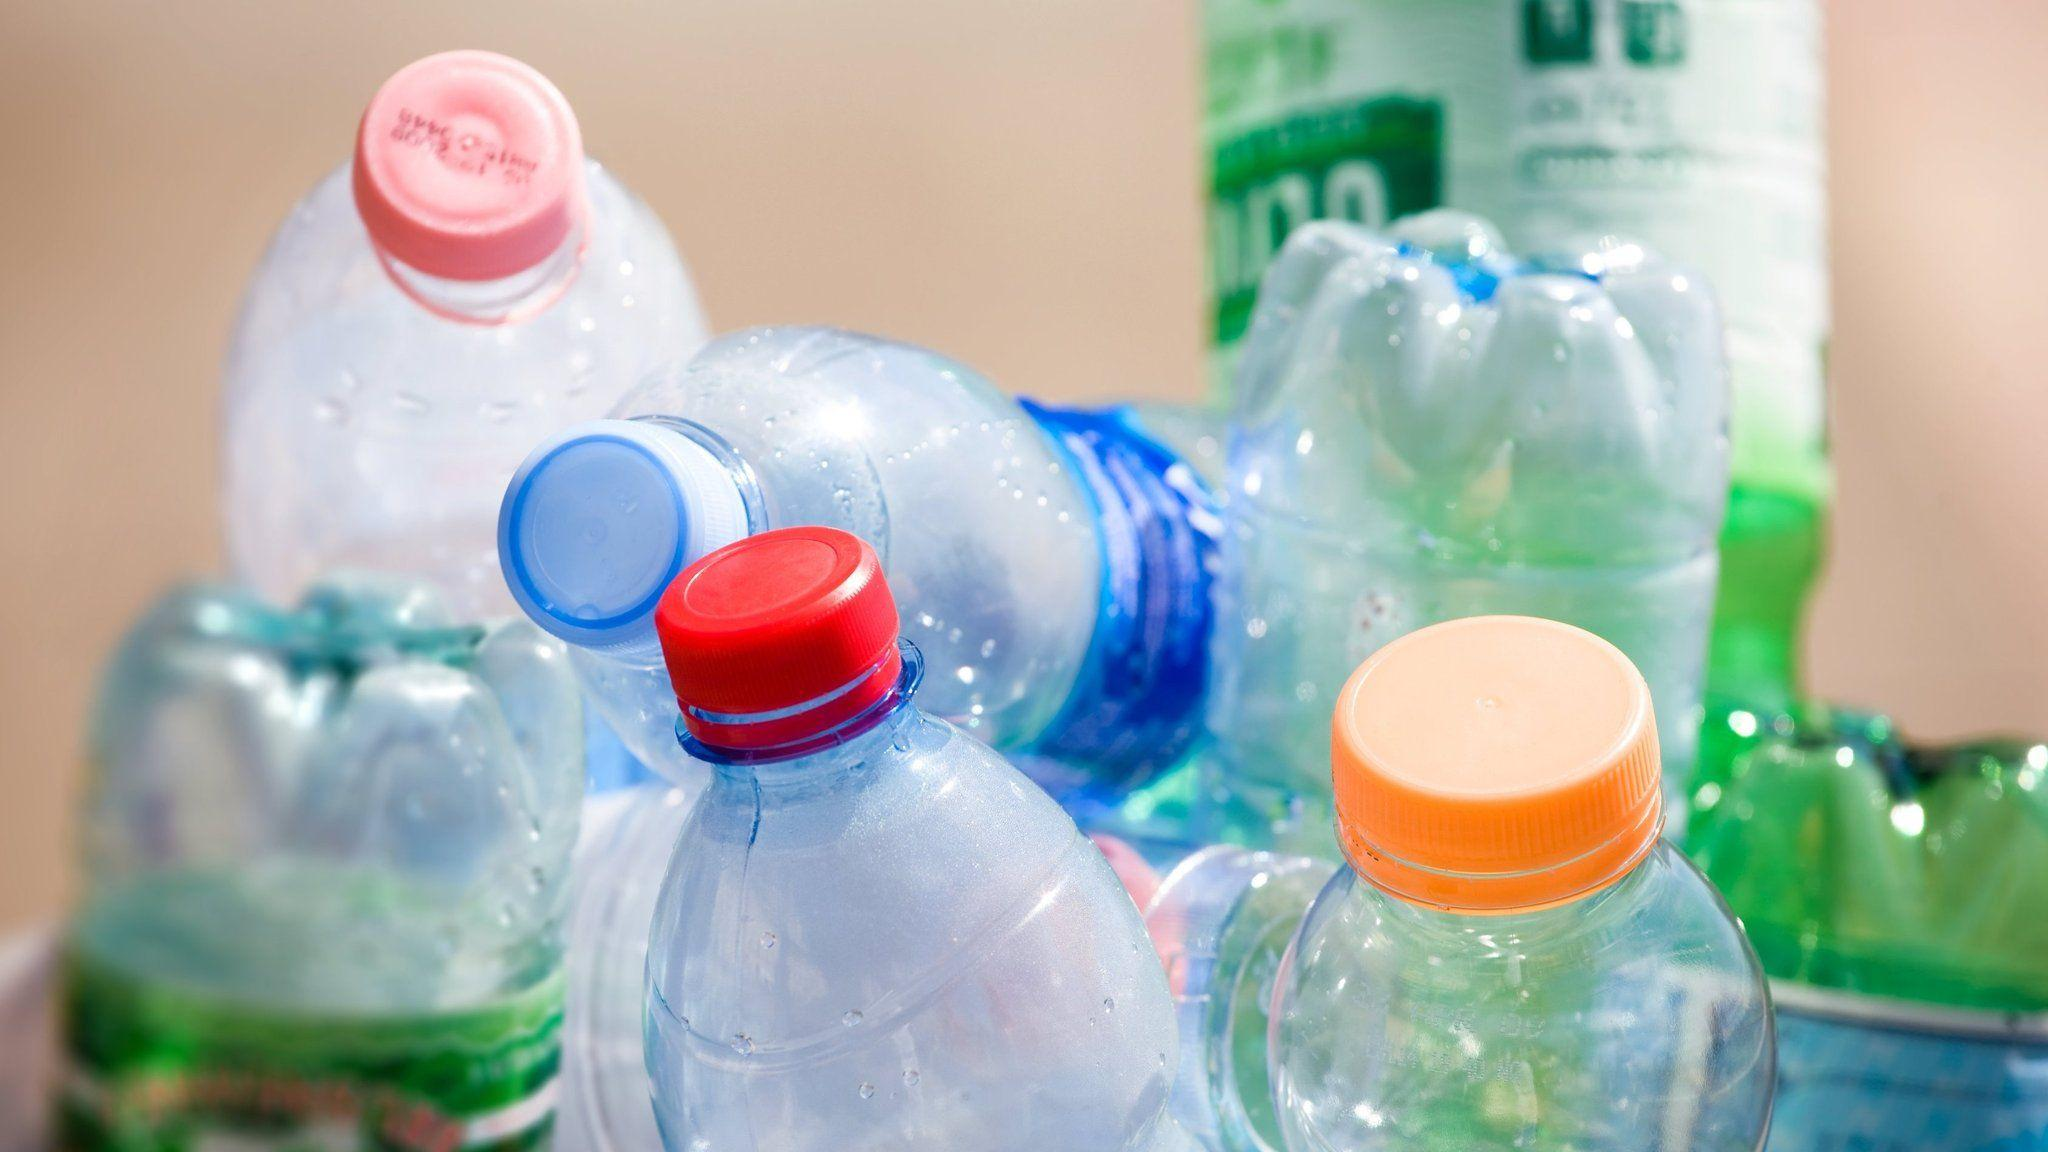 Отсутствие бисфенола А не делает пластиковые бутылки безопасными